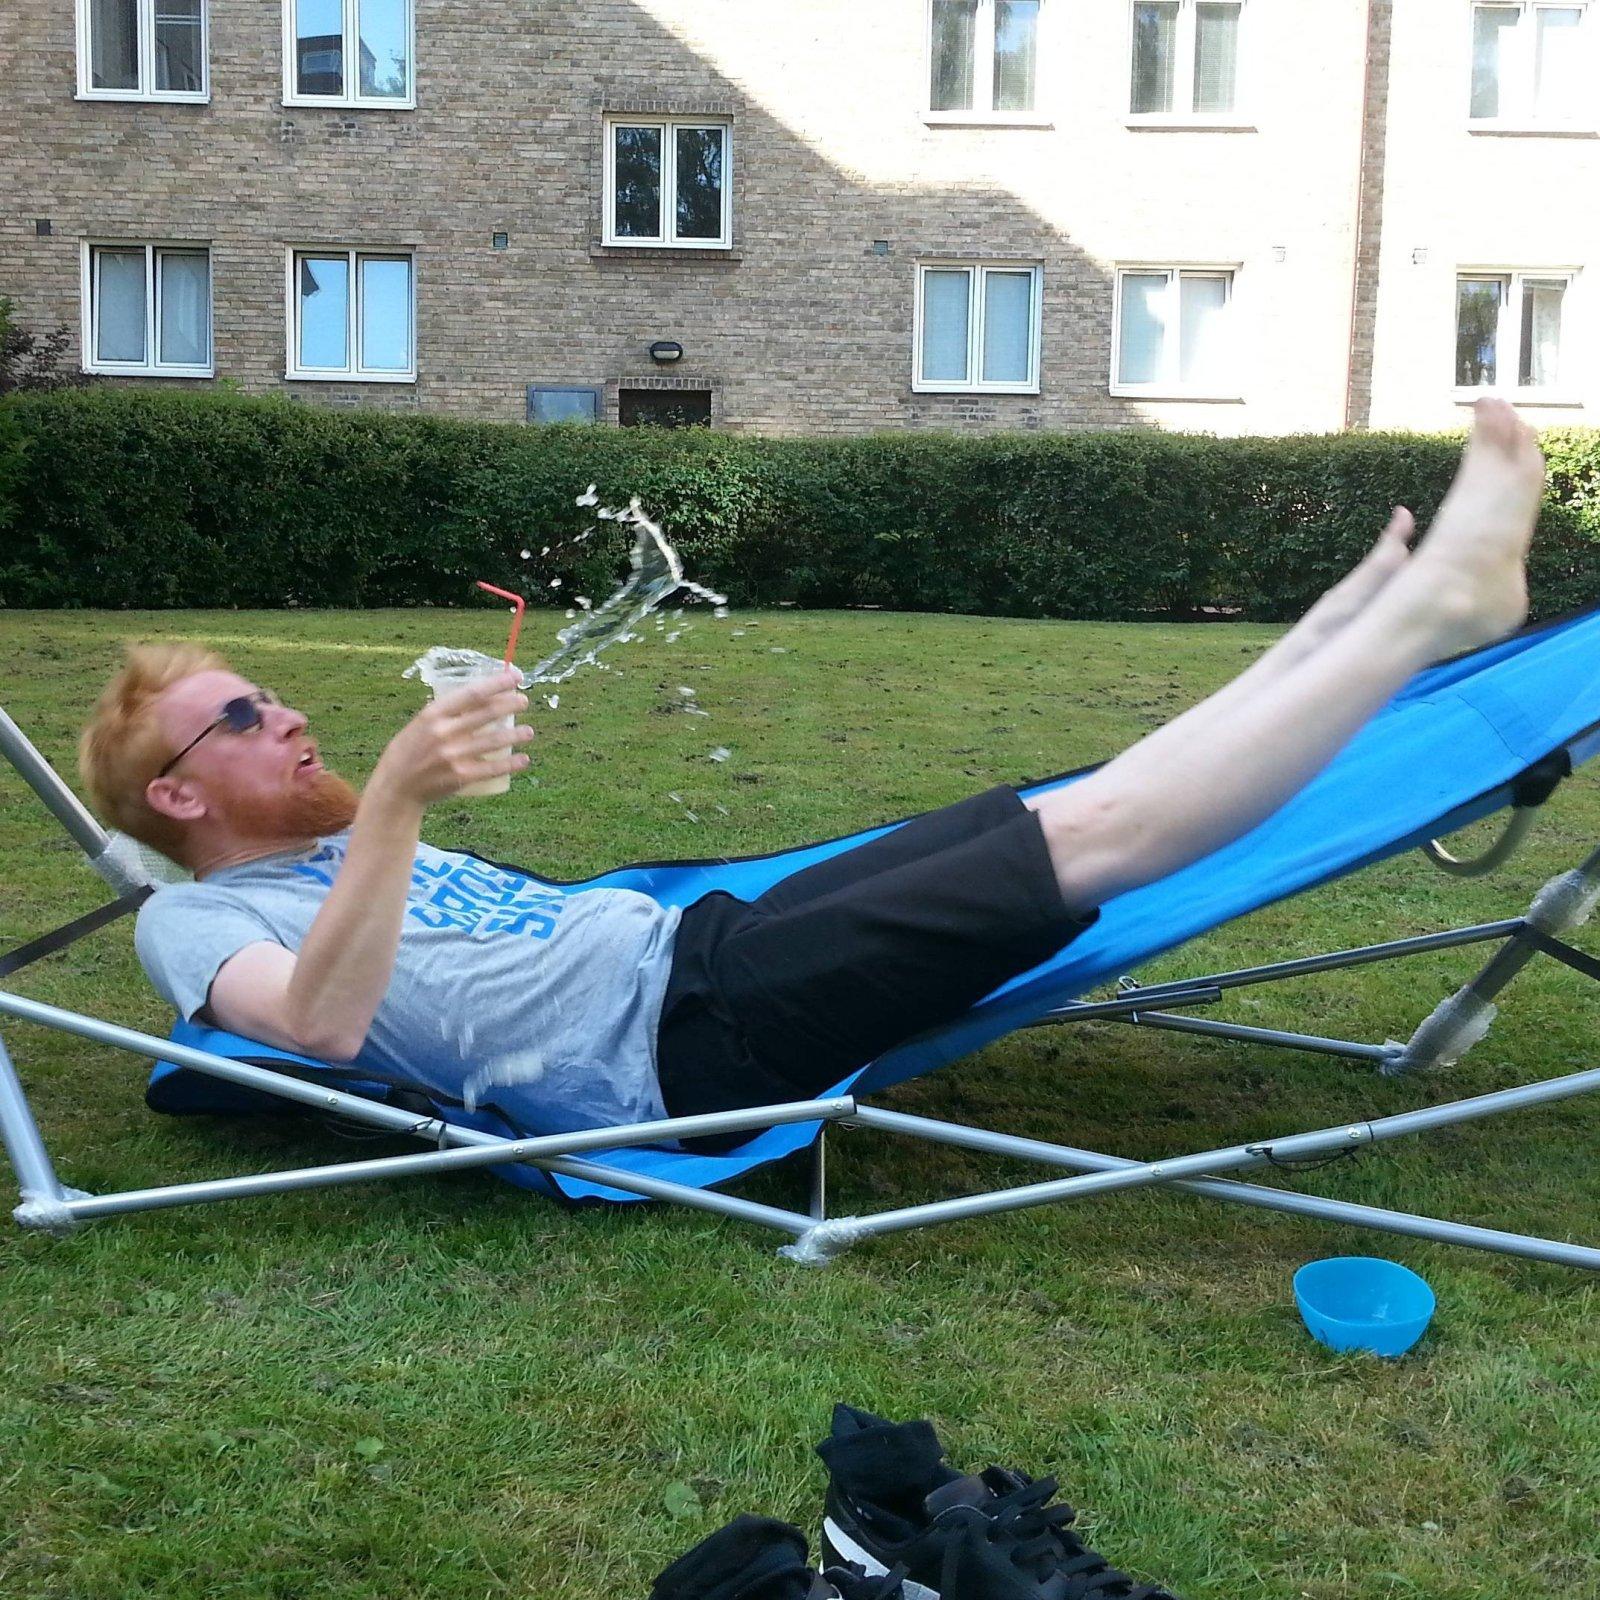 мужчина отдыхает на лежаке